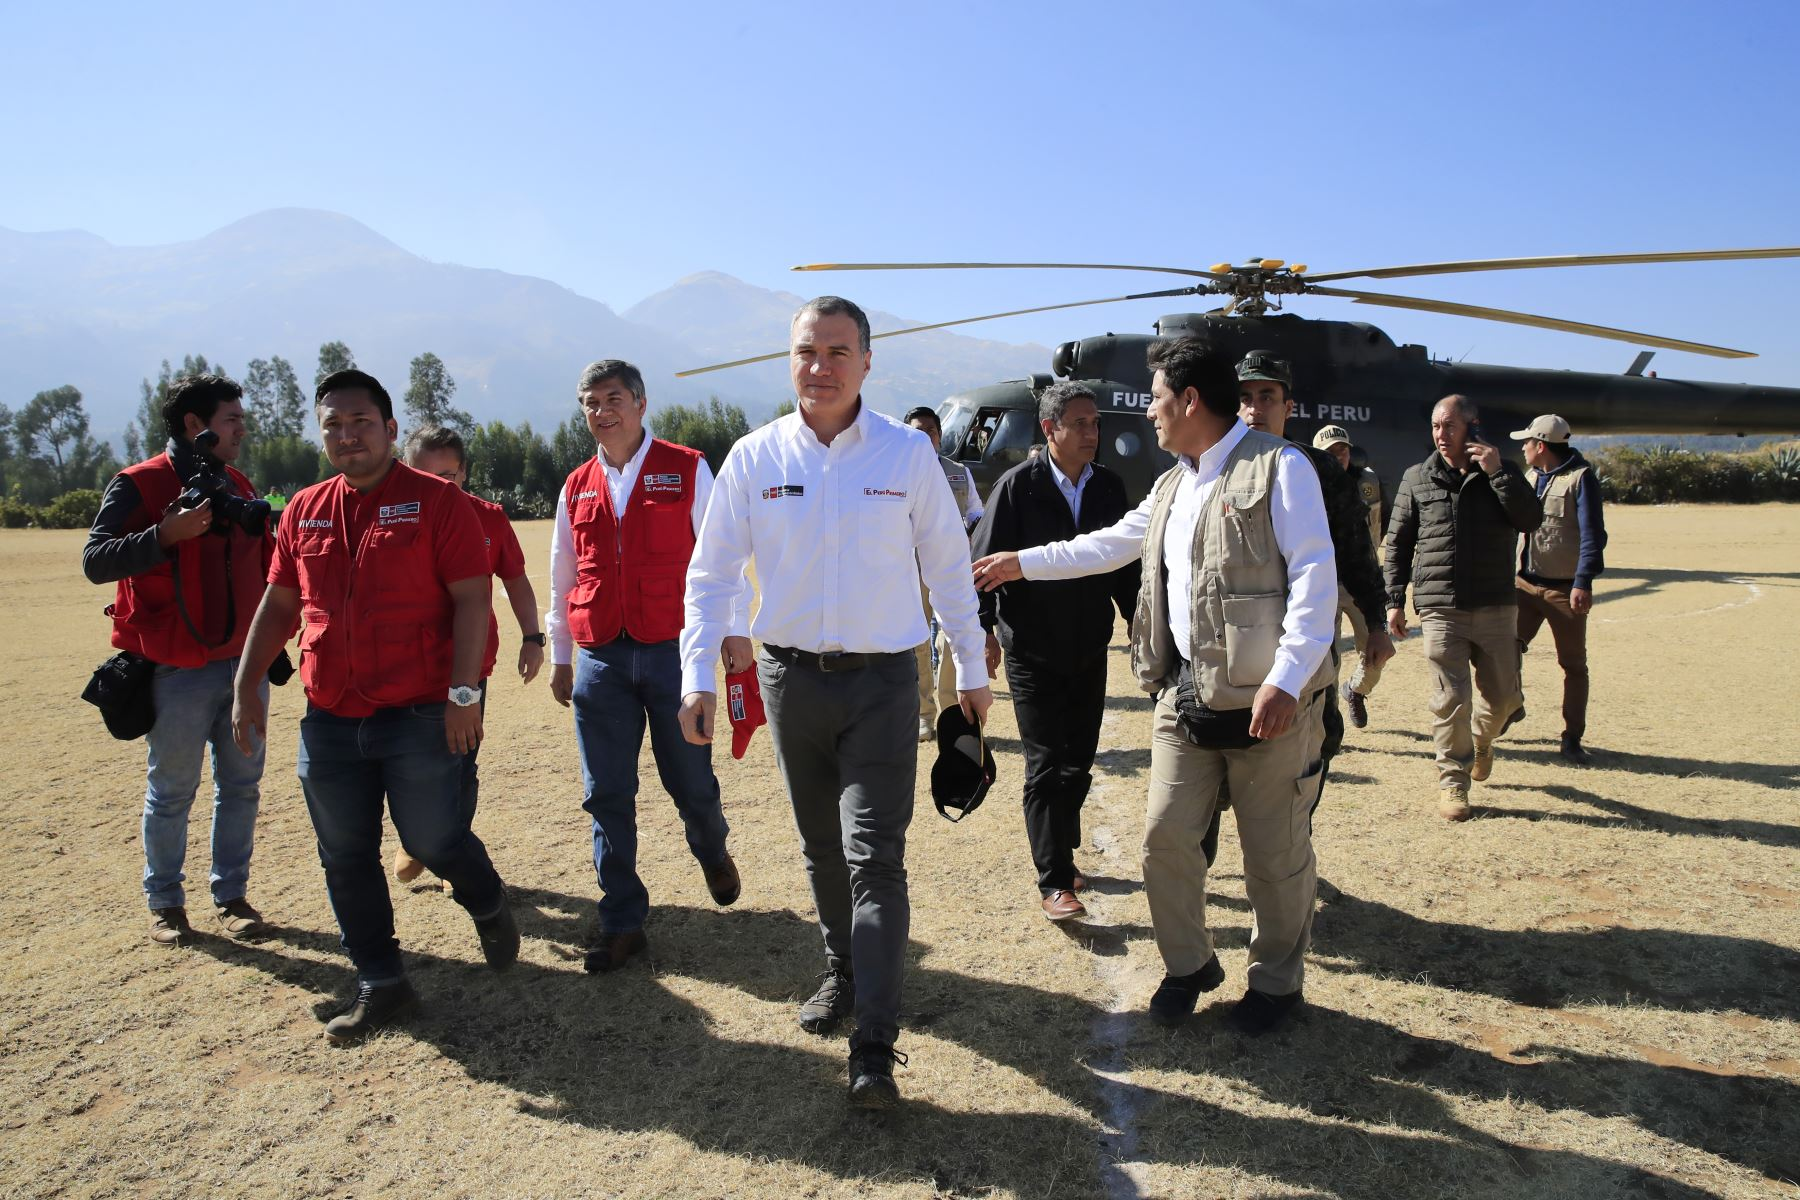 Presidente del Consejo de Ministros, Salvador del Solar y el Ministro de Vivienda, Miguel Estrada, entregaron 140 viviendas de emergencia a damnificados del sector de Pampa Grande, Cajabamba- Cajamarca. Foto: ANDINA/Juan Carlos Guzmán